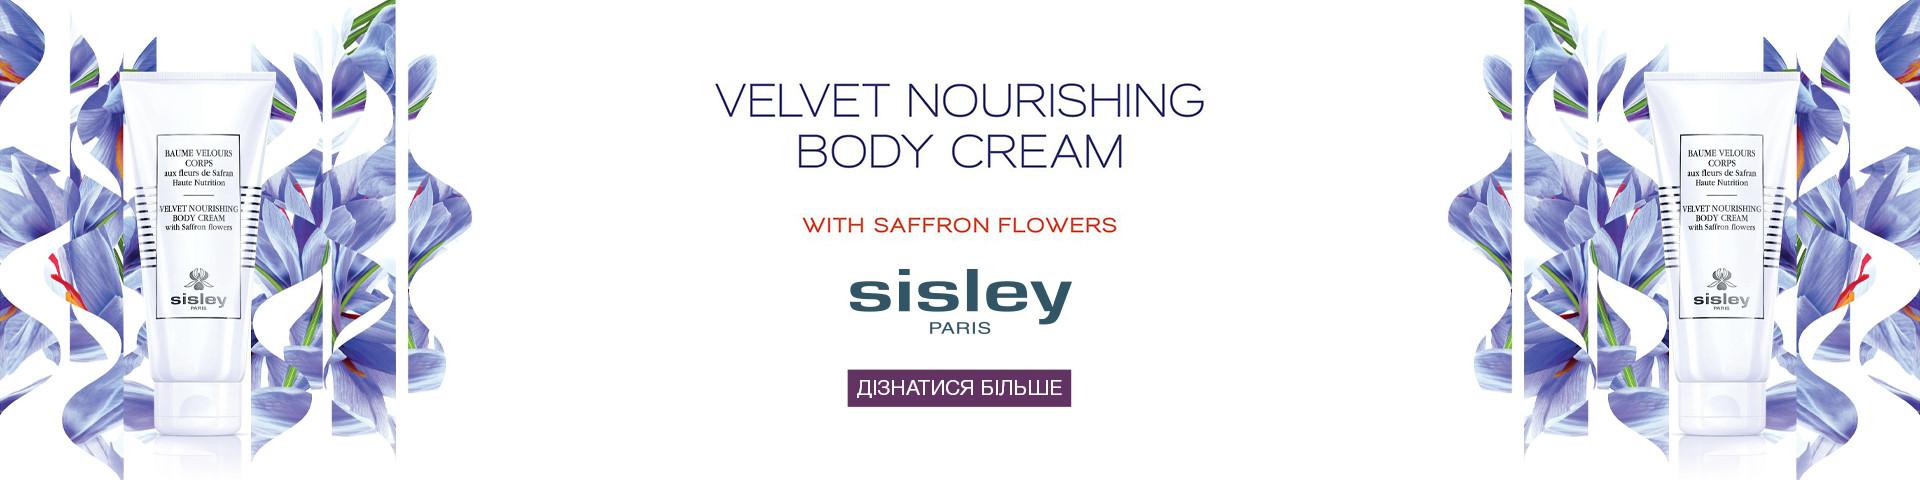 Sisley Velvet Nourishing Body Cream С 18.01 по 24.01